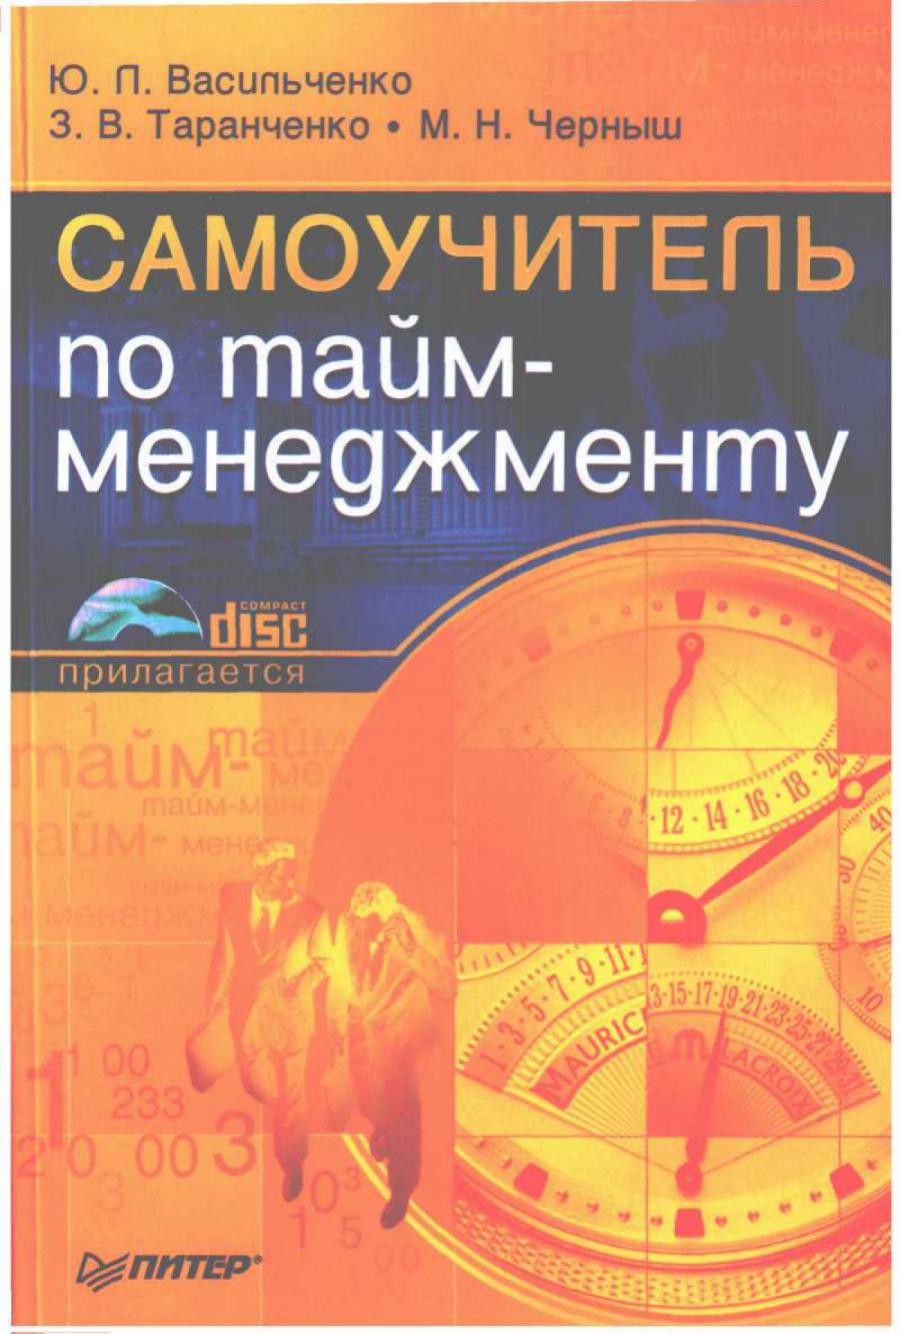 Обложка книги:  ю. п. васильченко, з. в. таранченко, м. н. черныш - самоучитель по тайм-менеджменту